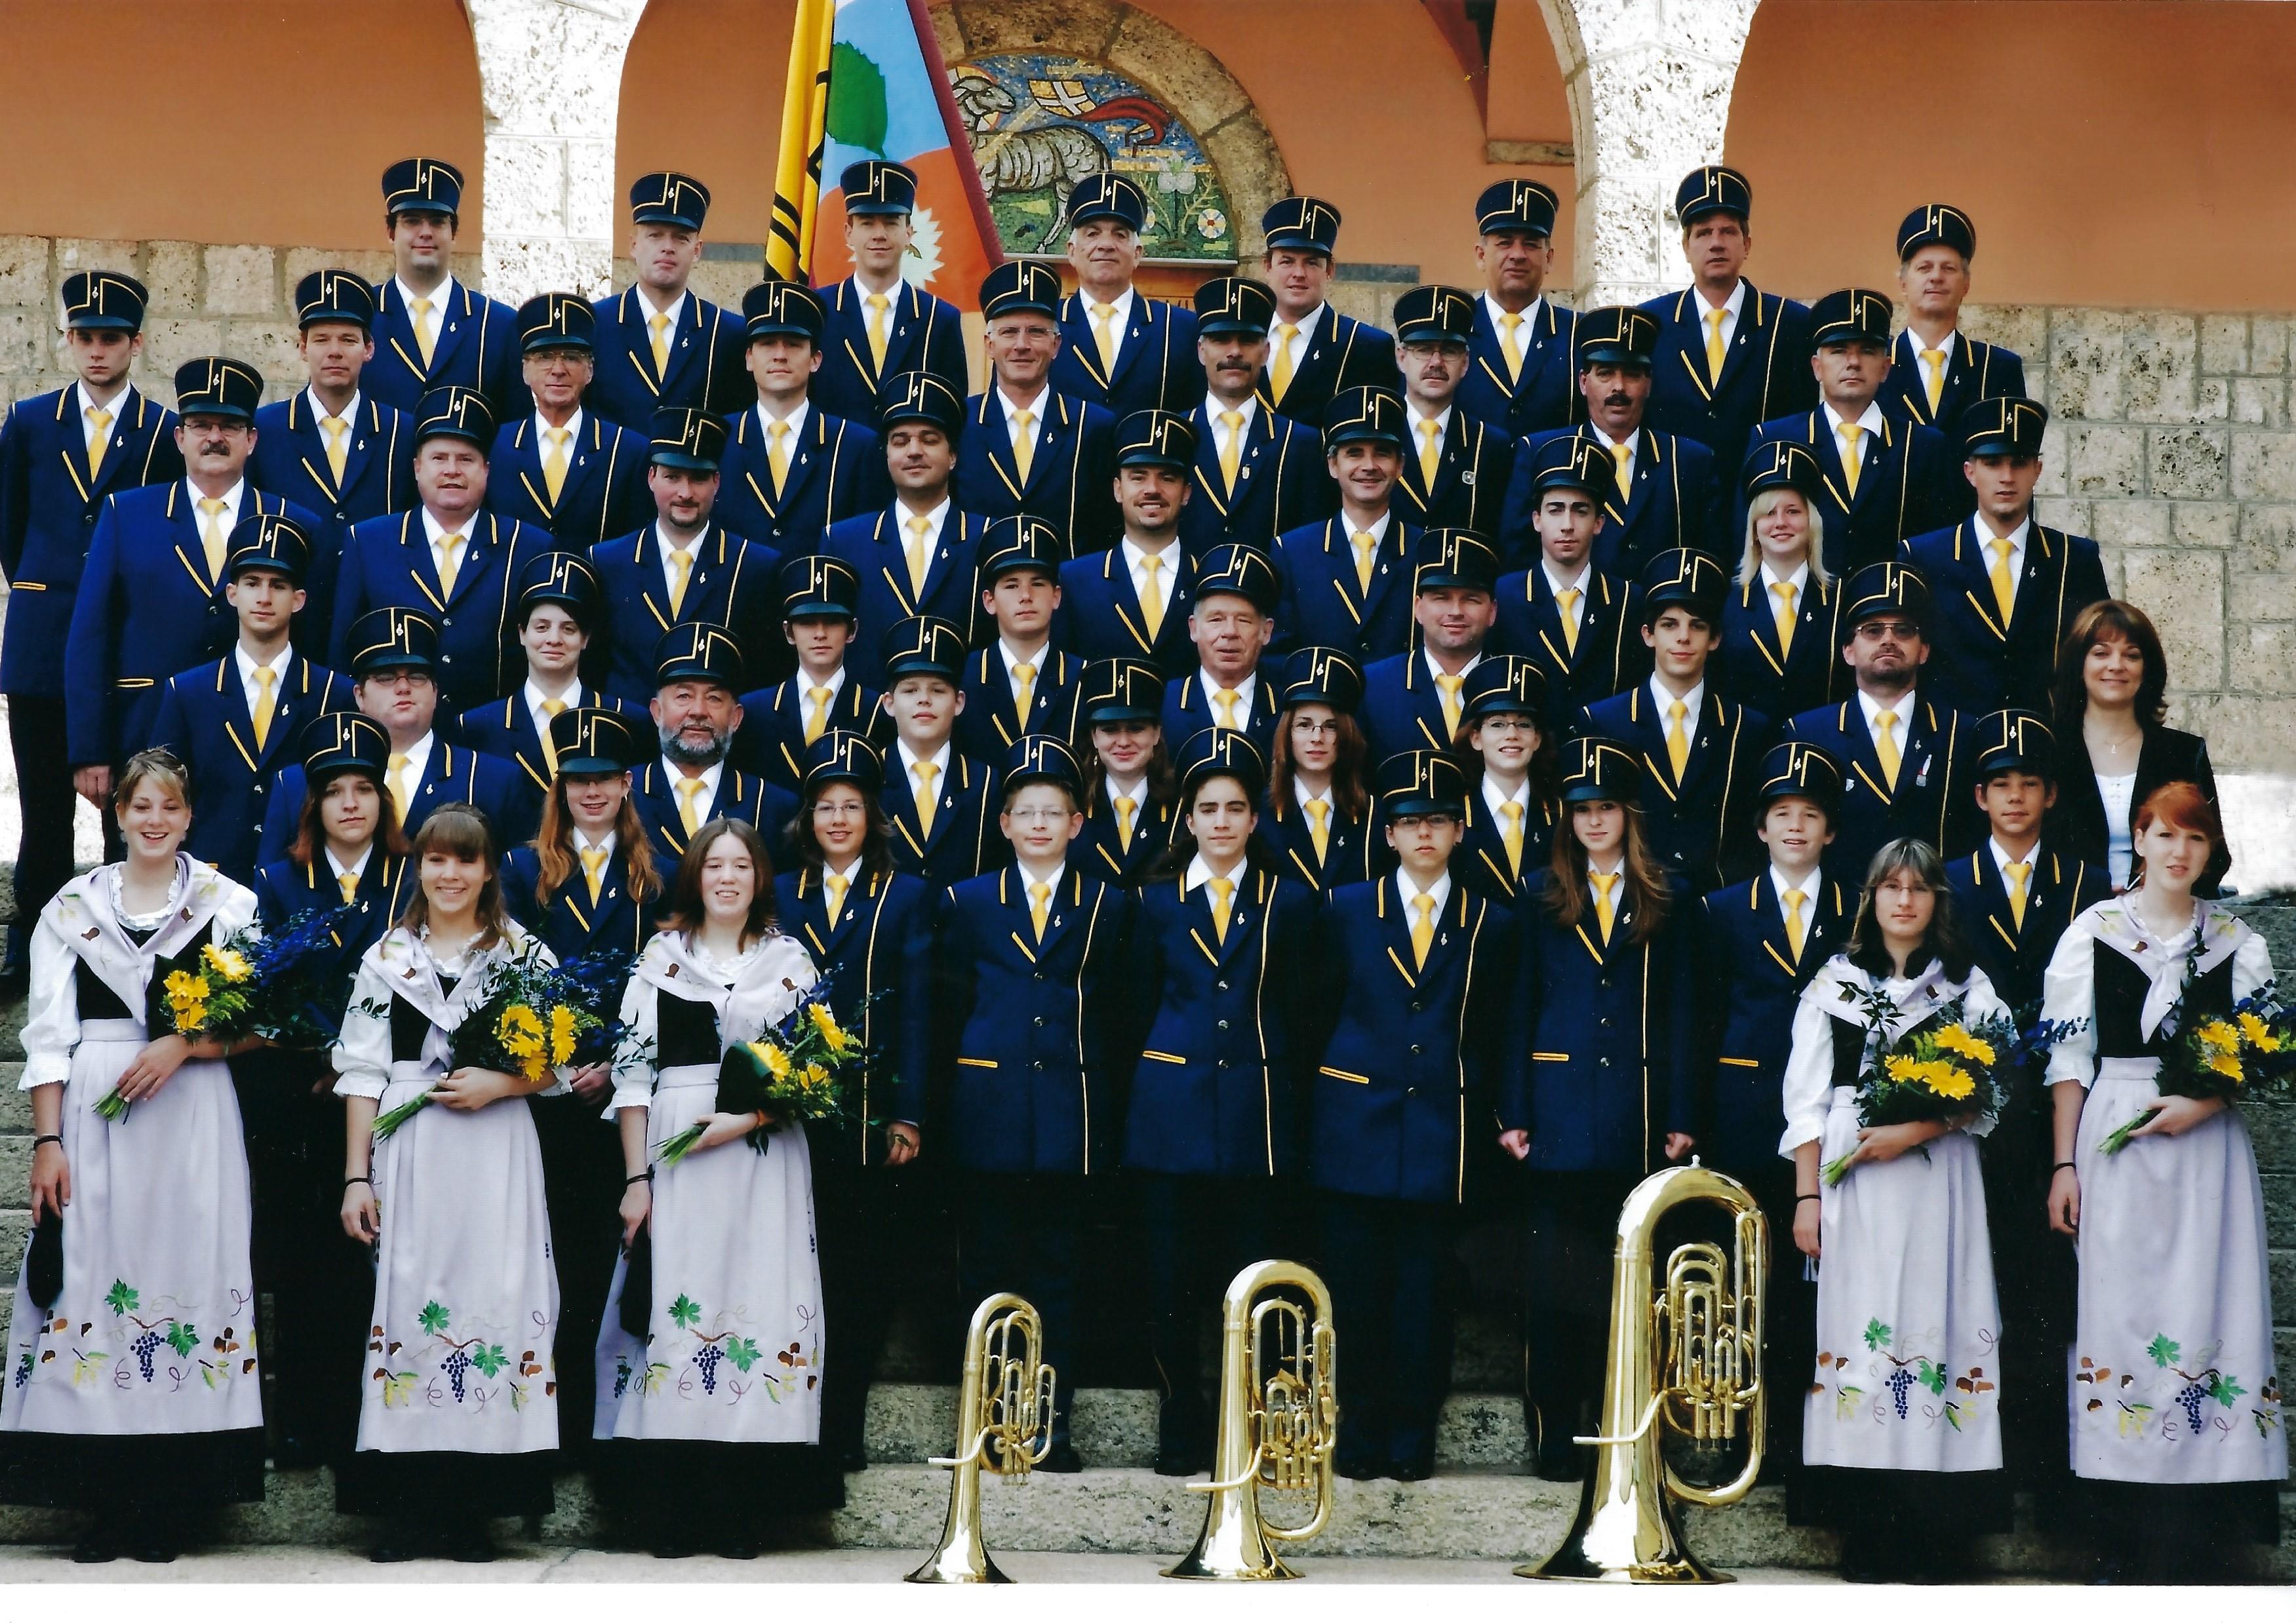 La fanfare vêtue de son nouvel uniforme en 2007